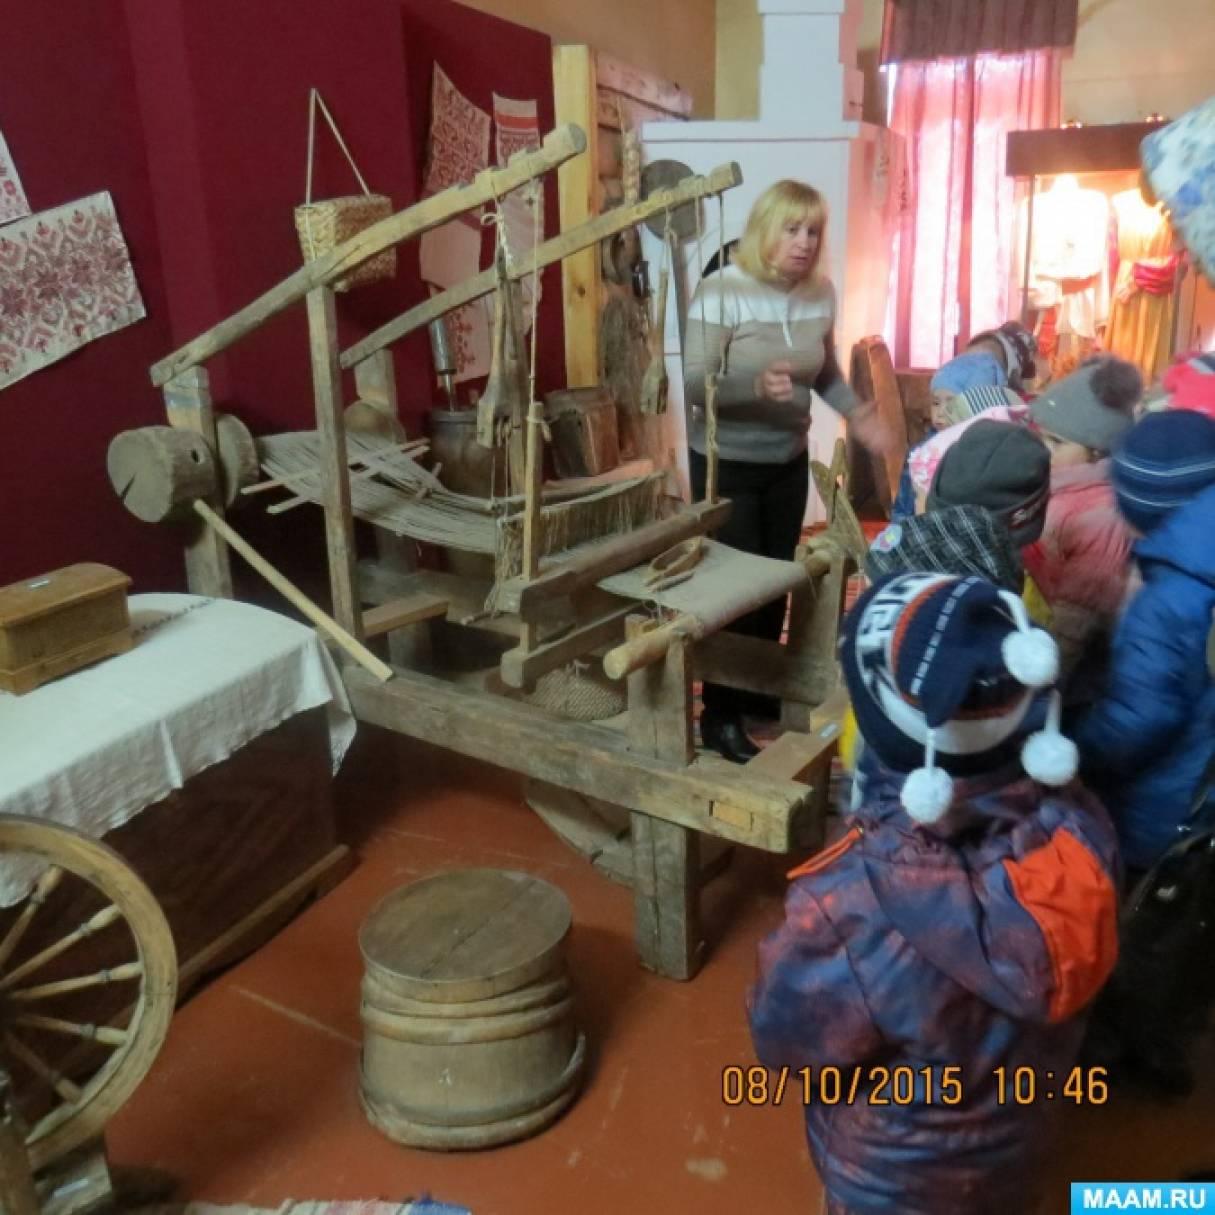 Экскурсия в музей (фотоотчет)